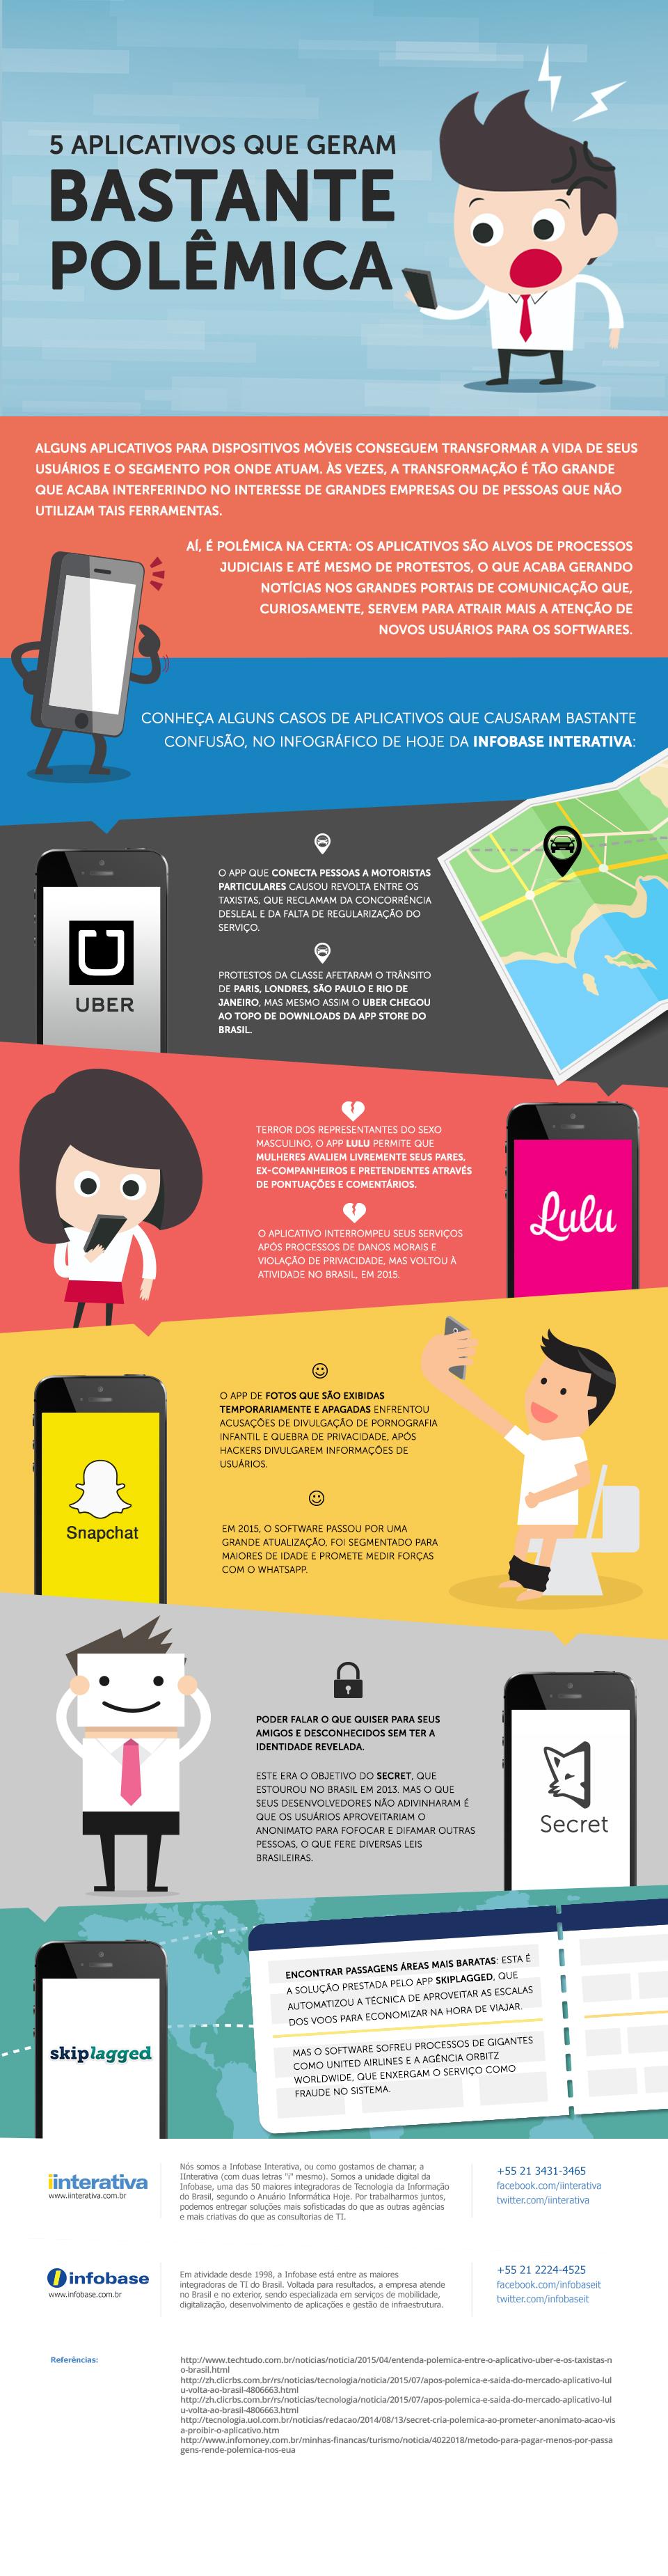 Do Uber ao Lulu: 5 apps que provocam polêmica por onde passam [infográfico]